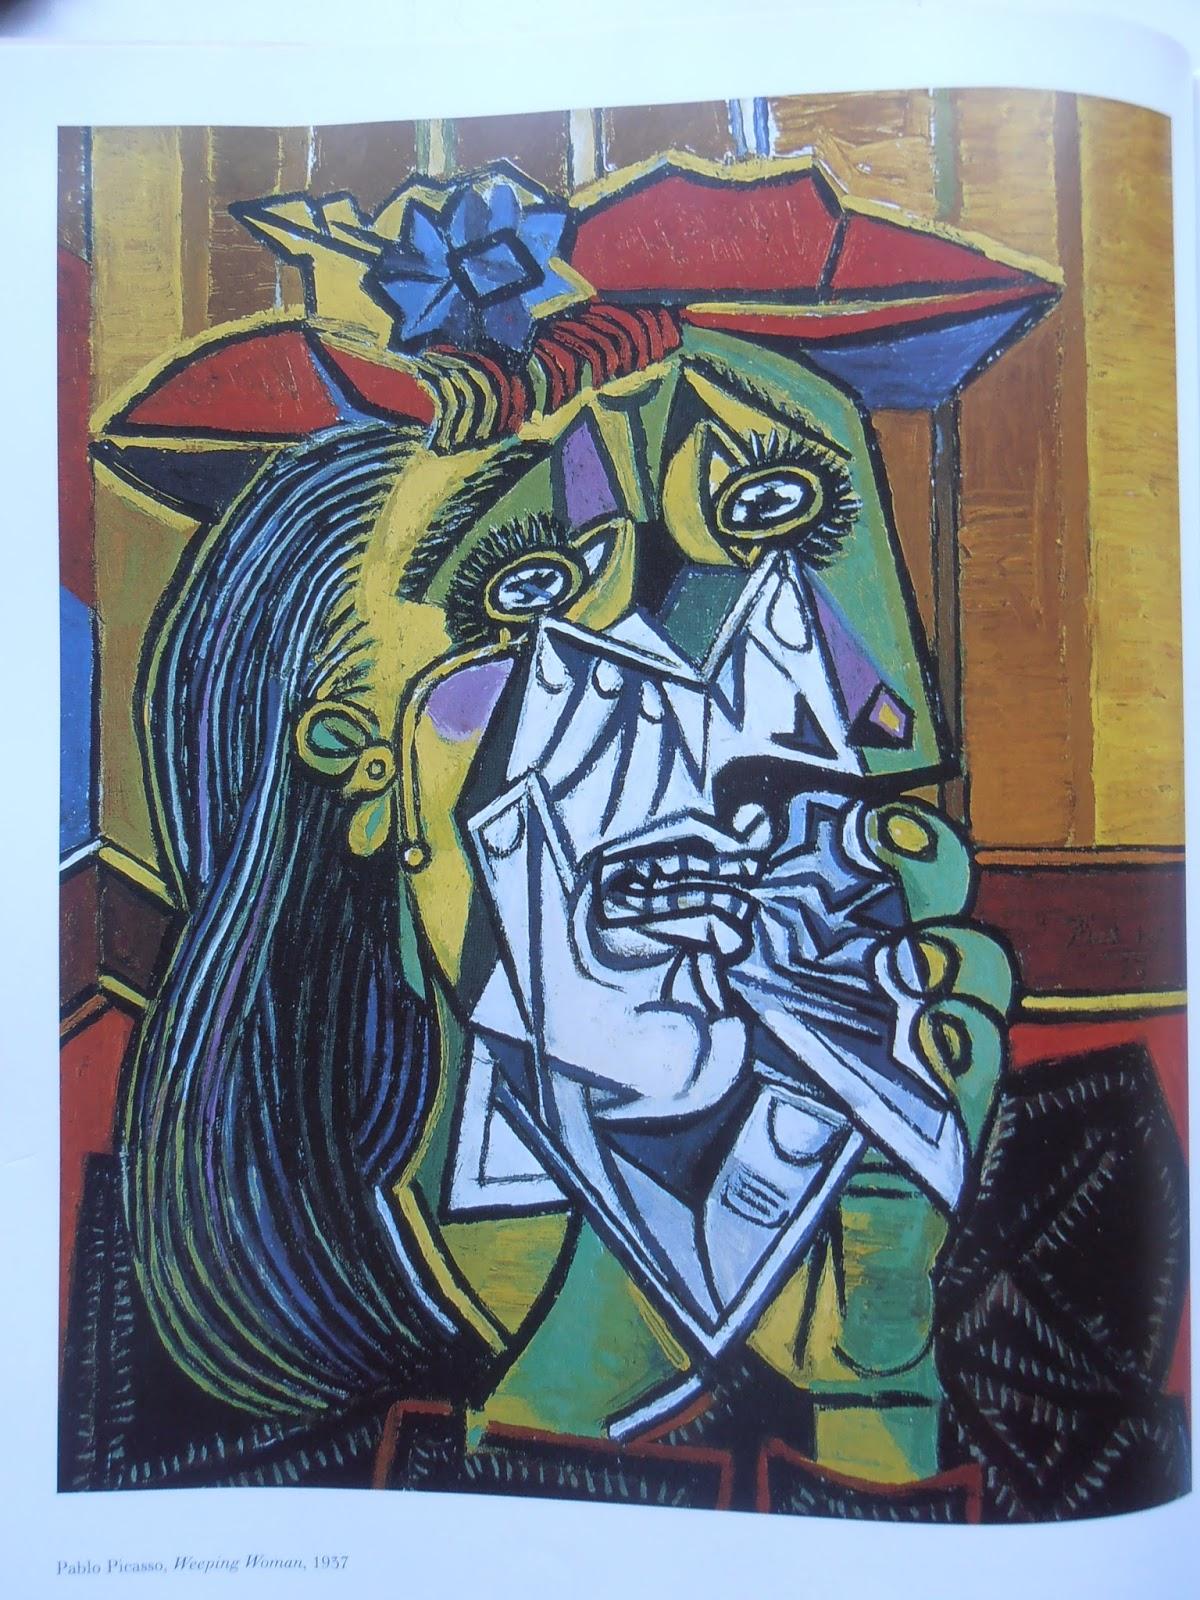 情有獨鐘: 畢卡索哭泣的女人--記一位性情中人的才女-朵拉